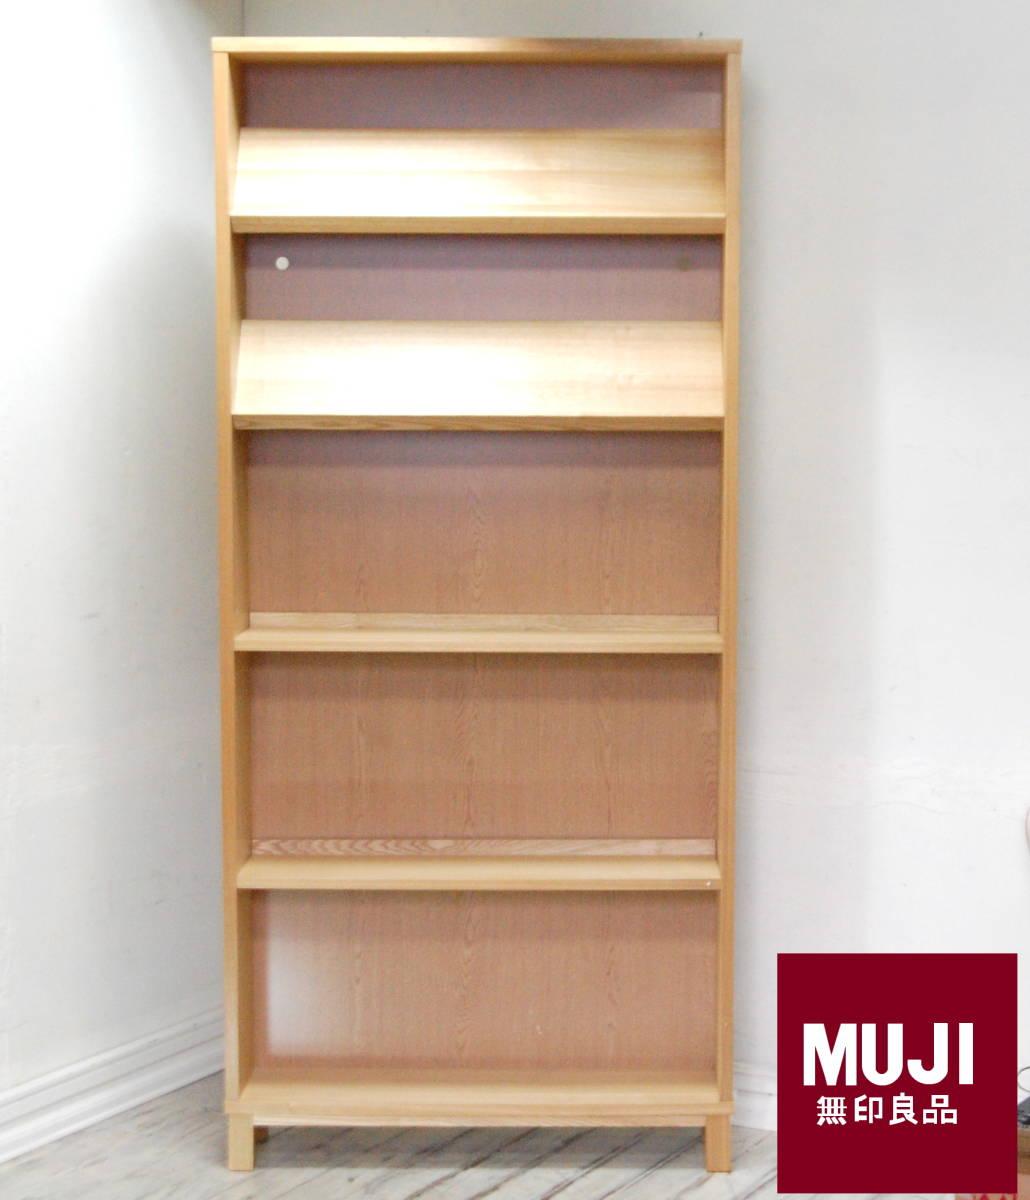 無印良品 MUJI 組み合わせて使える 木製収納 タモ材 本棚 / 文庫本 収納 棚 キャビネット